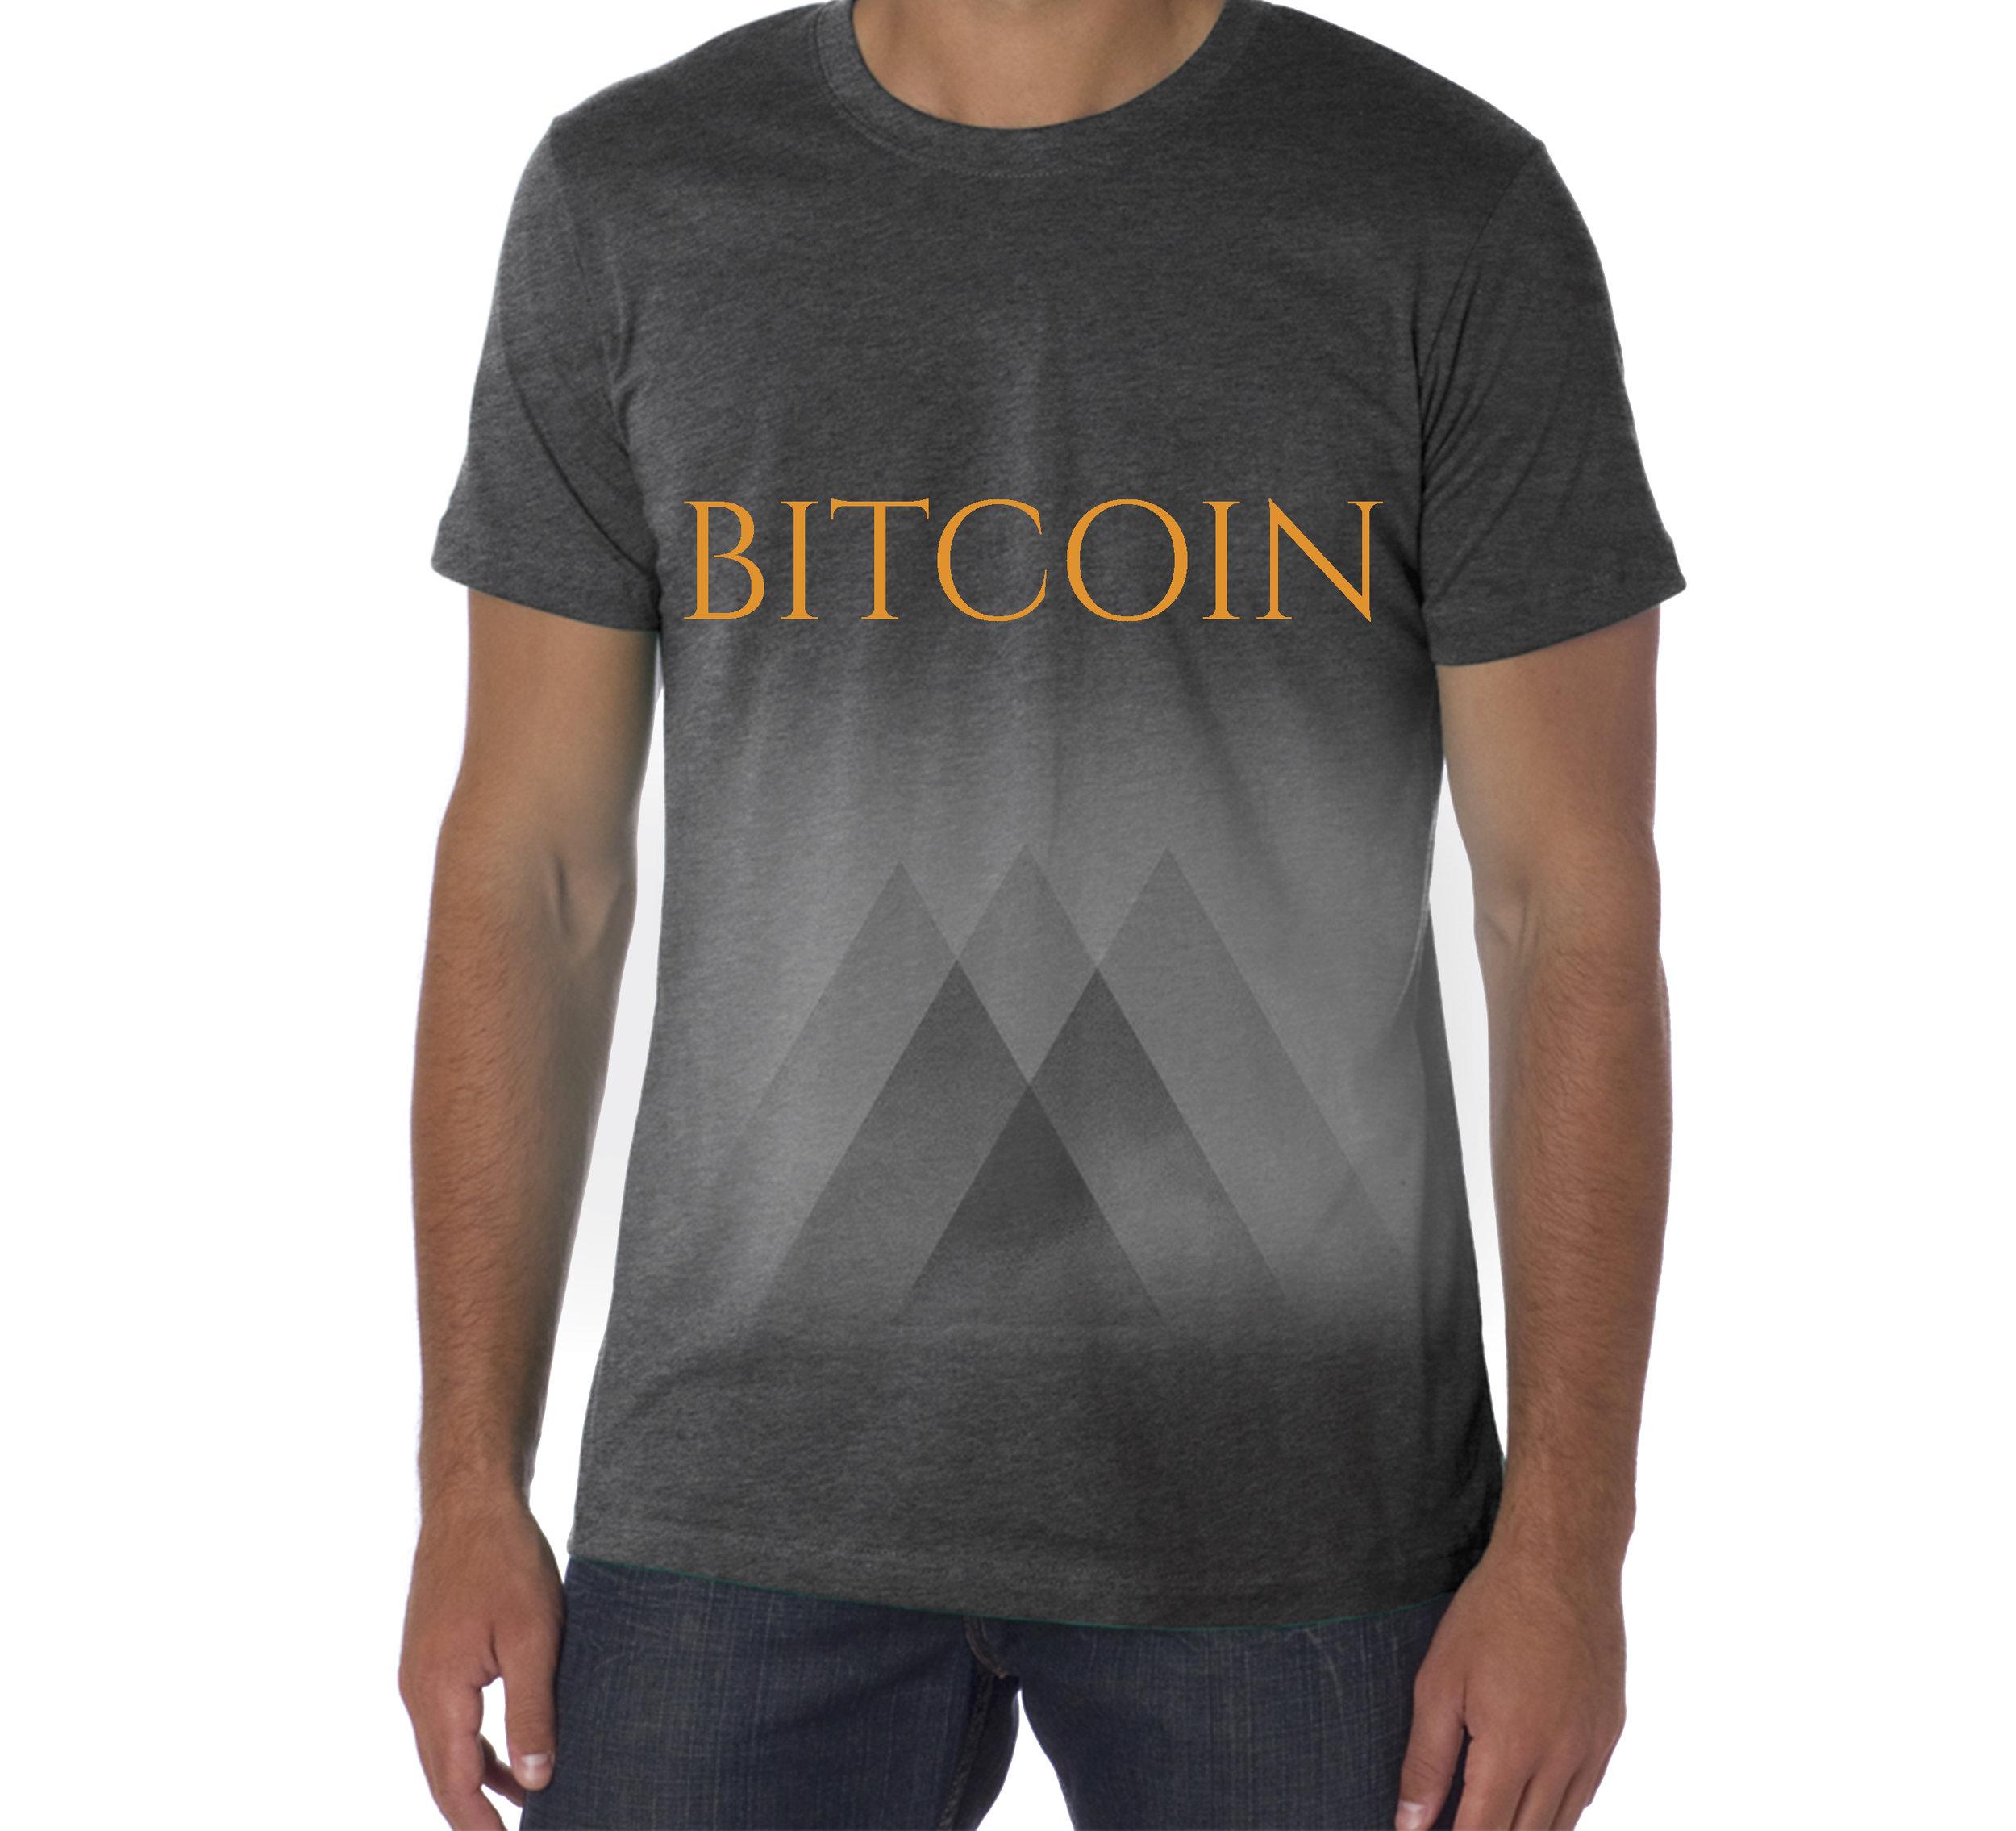 ShirtFinal3.jpg